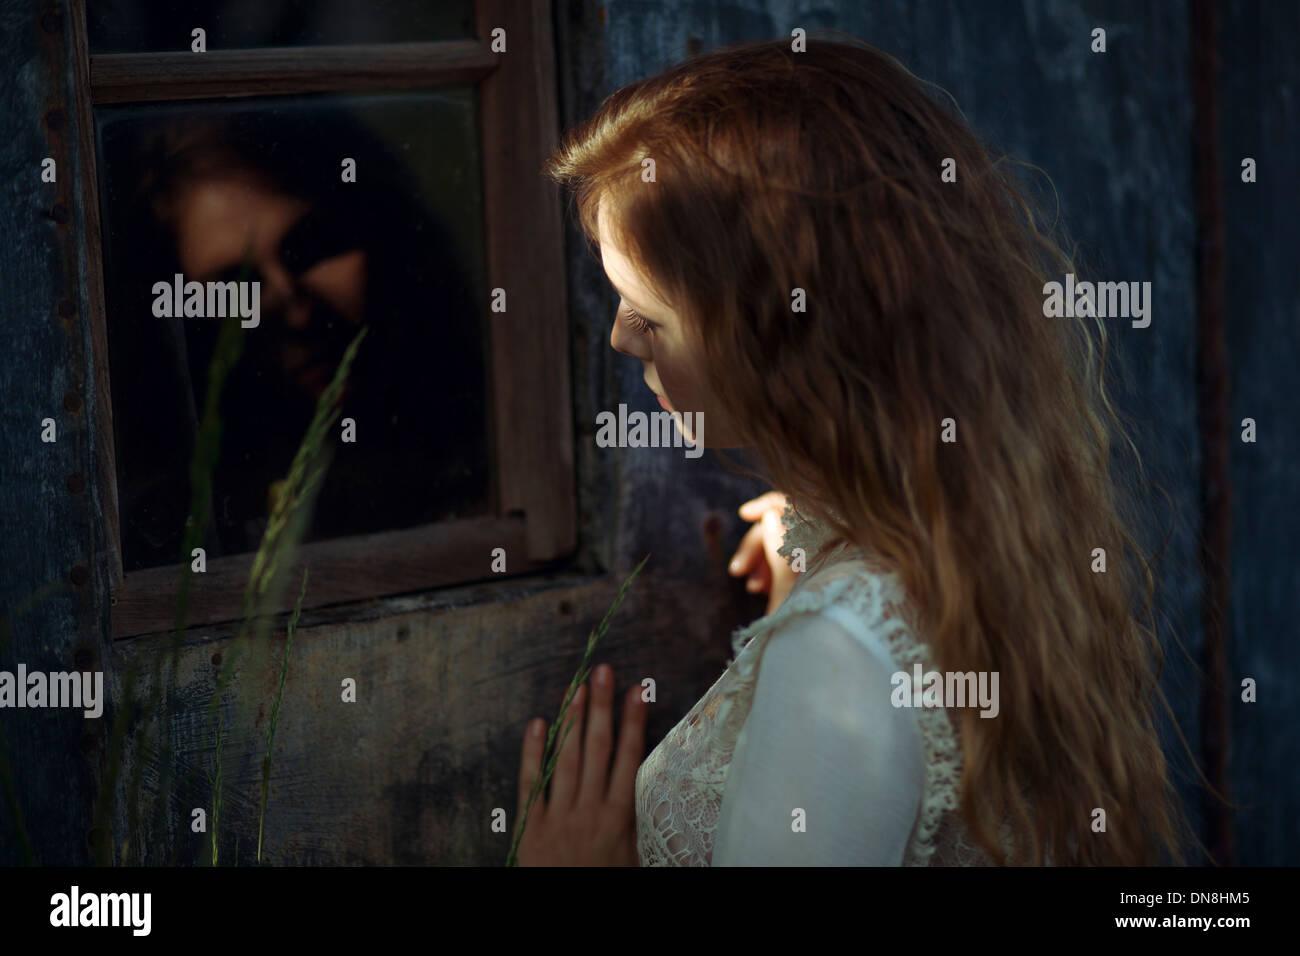 Mujer joven con reflejo en la ventana Imagen De Stock